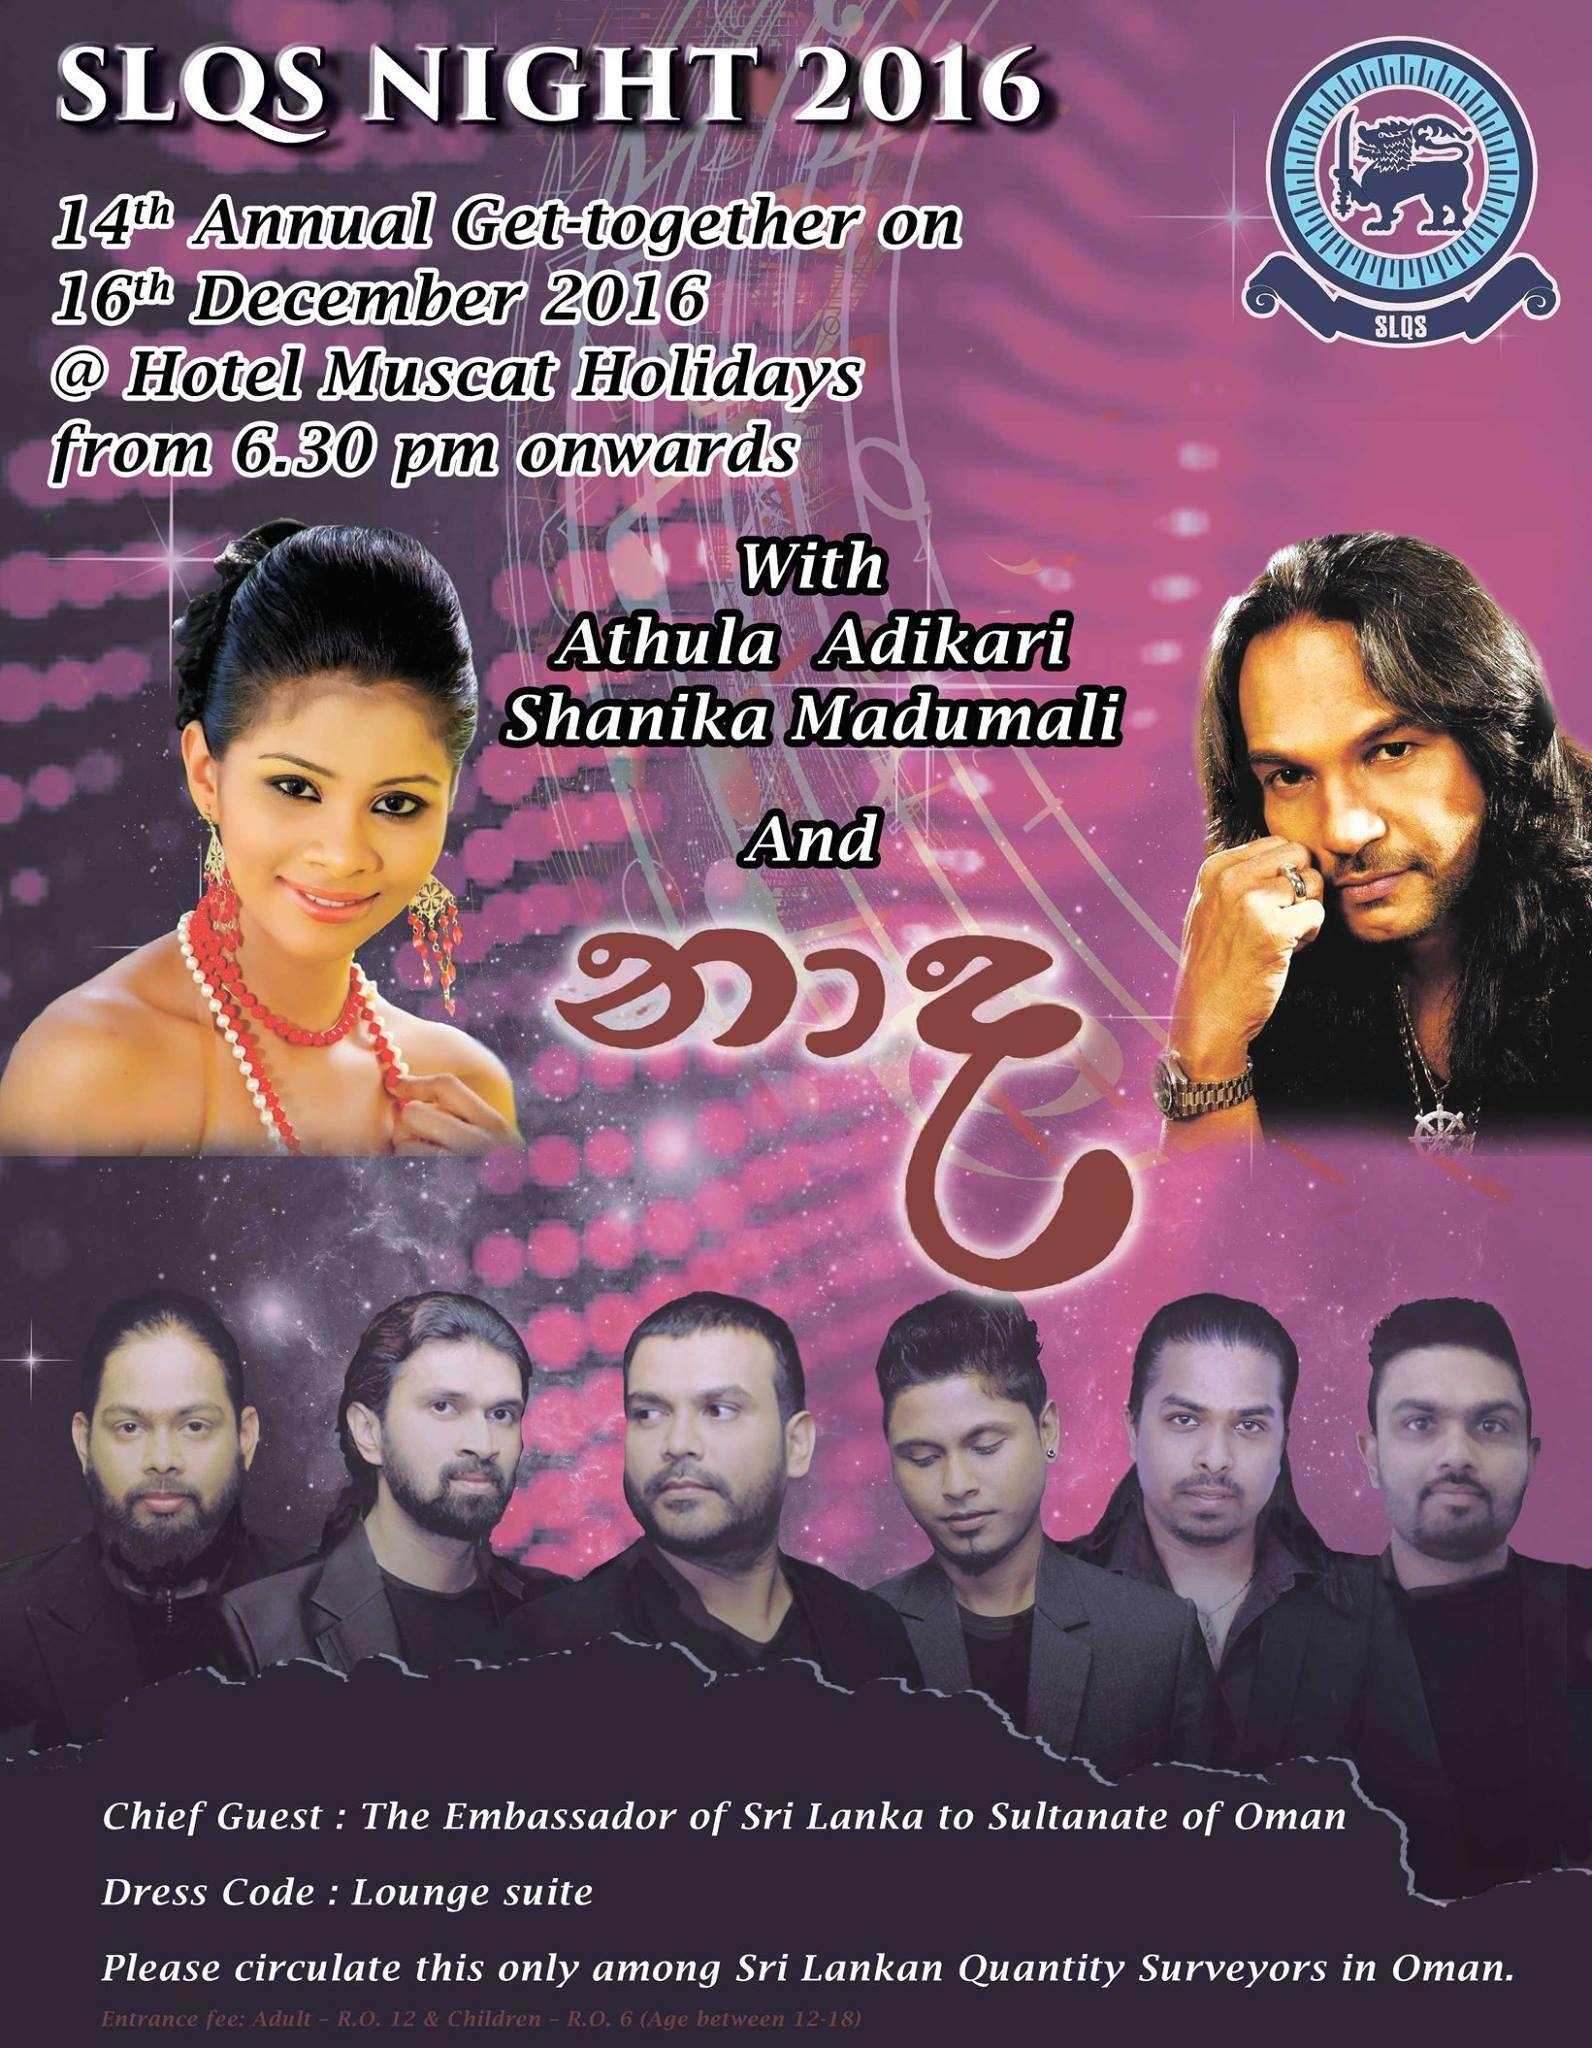 slqs-oman-get-together-naada-athula-adikari